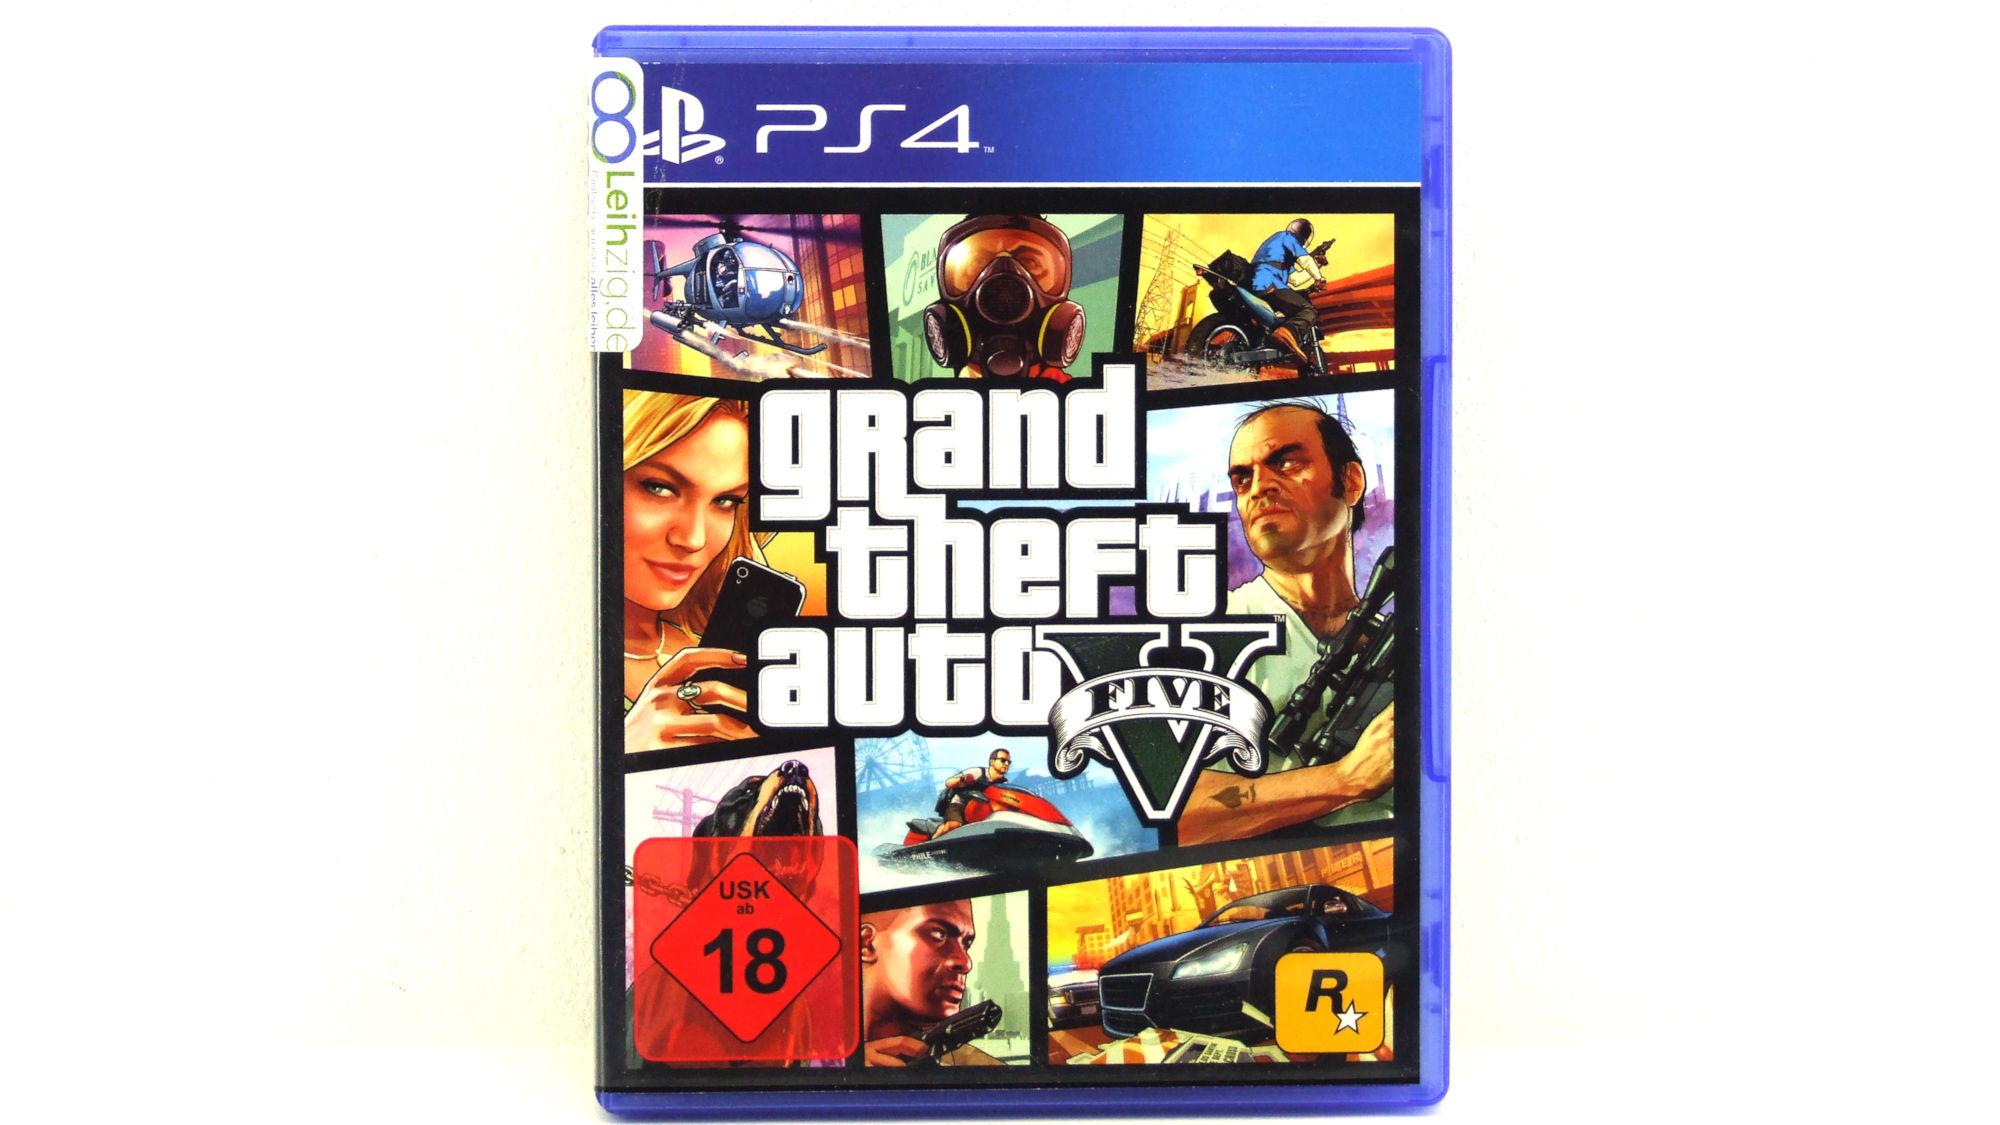 Spiel: Grand Theft Auto 5 leihen